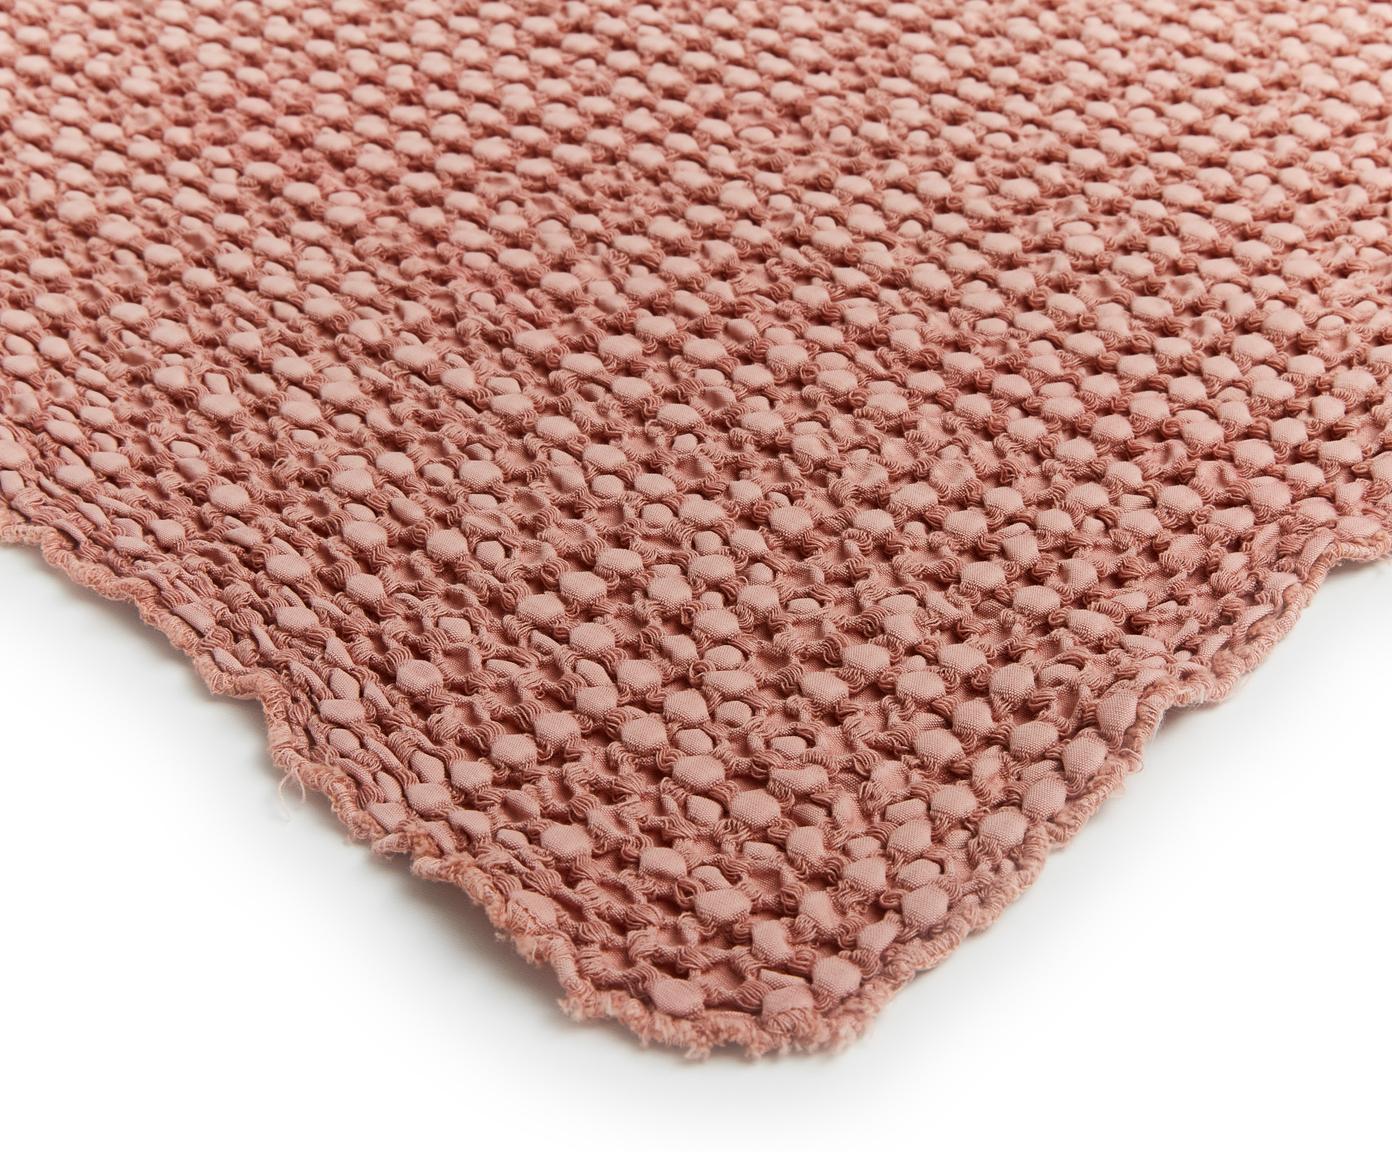 Tagesdecke Vigo mit strukturierter Oberfläche, 100% Baumwolle, Helles Rosa, 220 x 240 cm